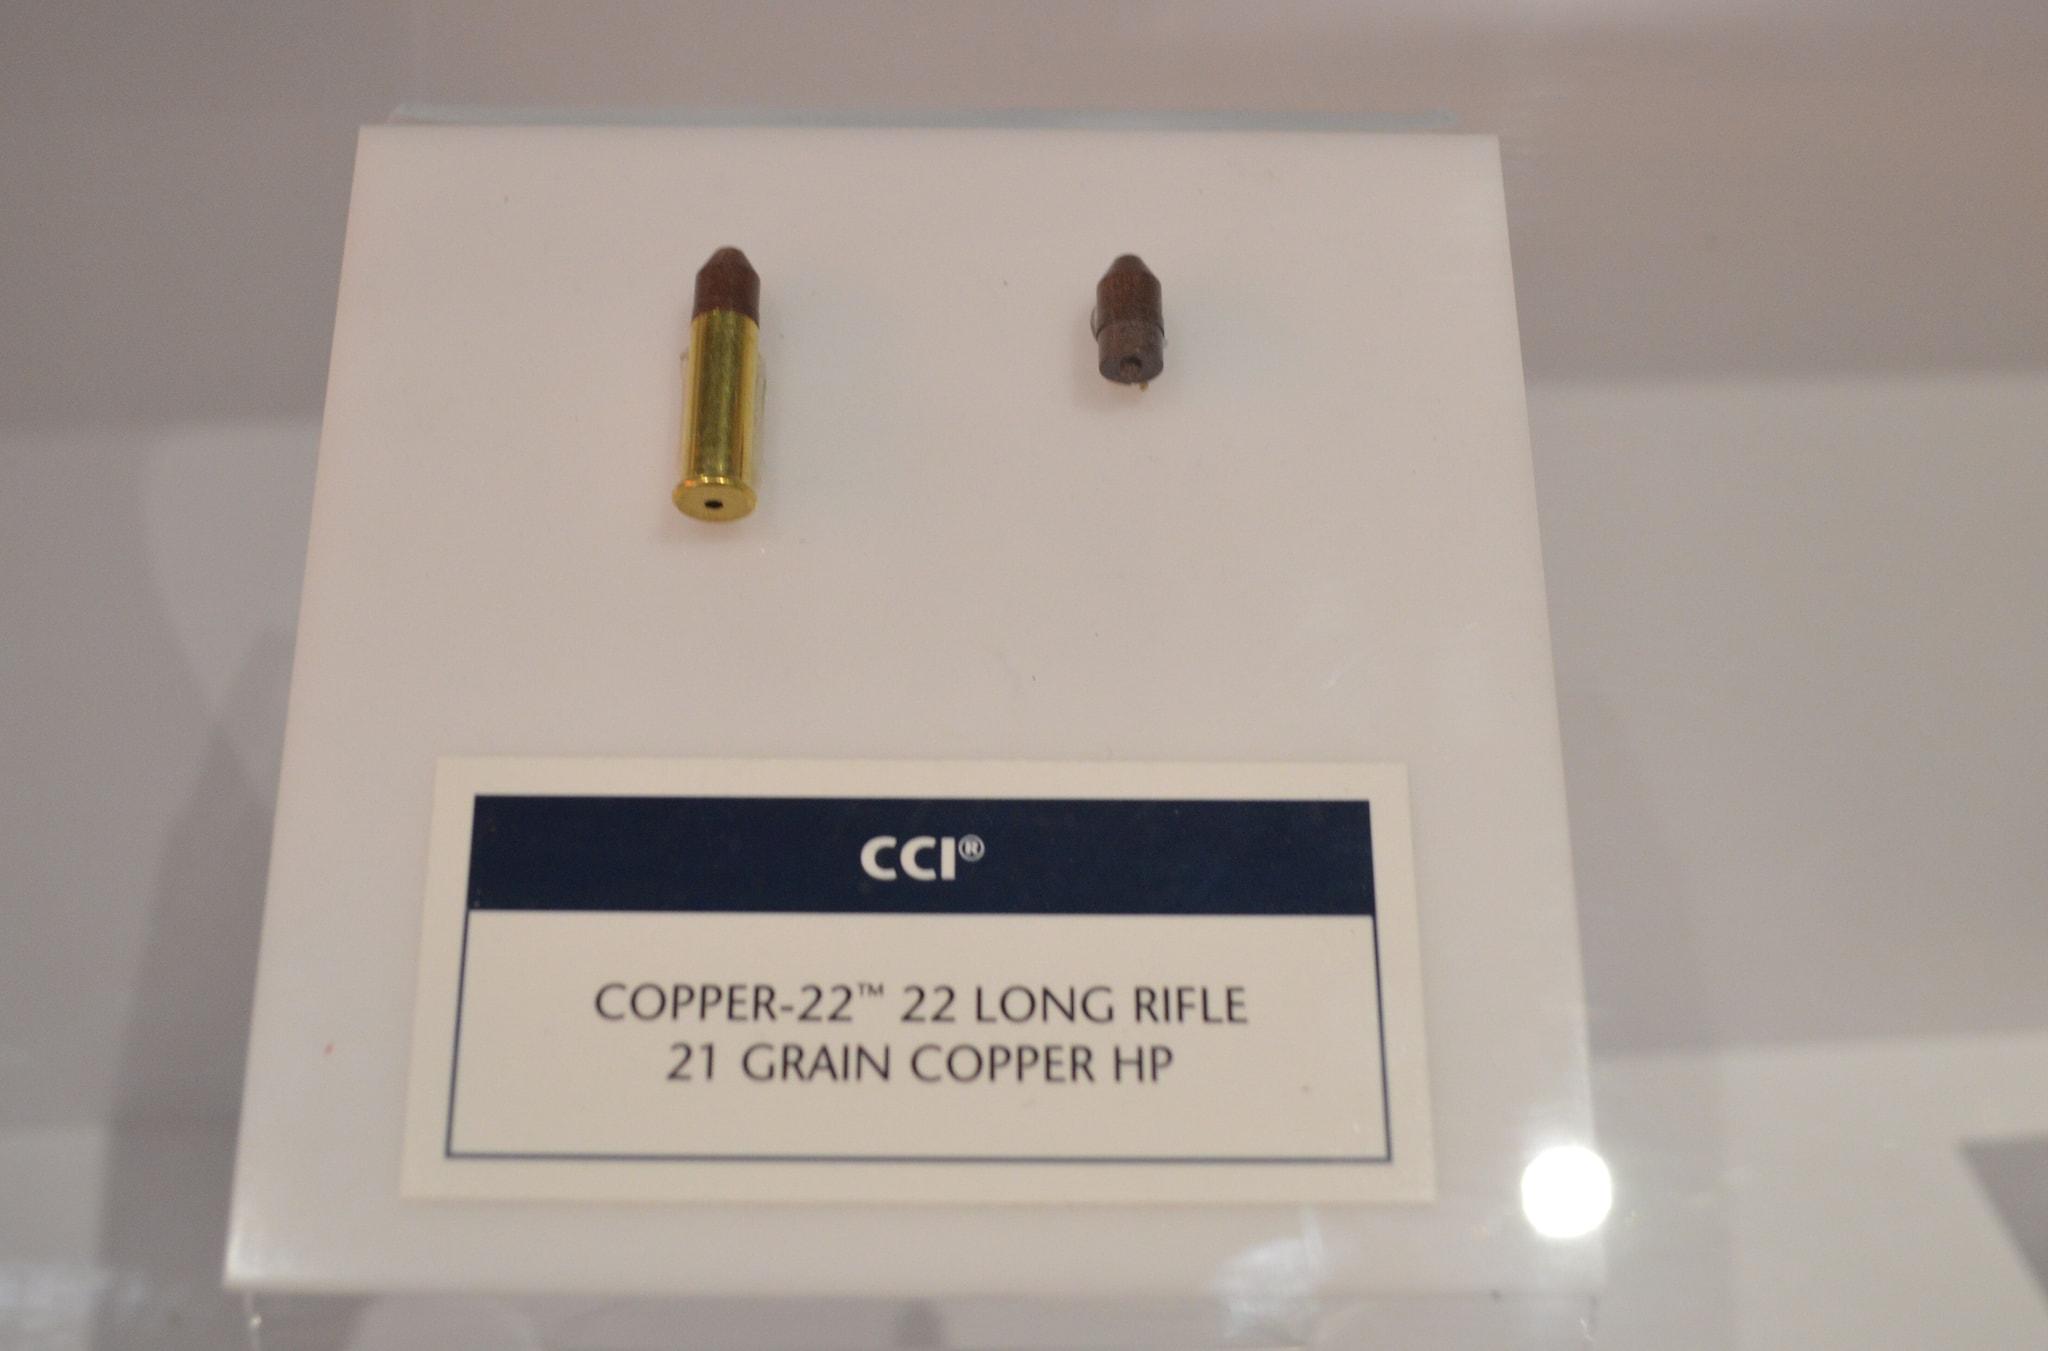 The new CCI Copper-22, California compliant rimfire ammunition. (Photo: Kristin Alberts)